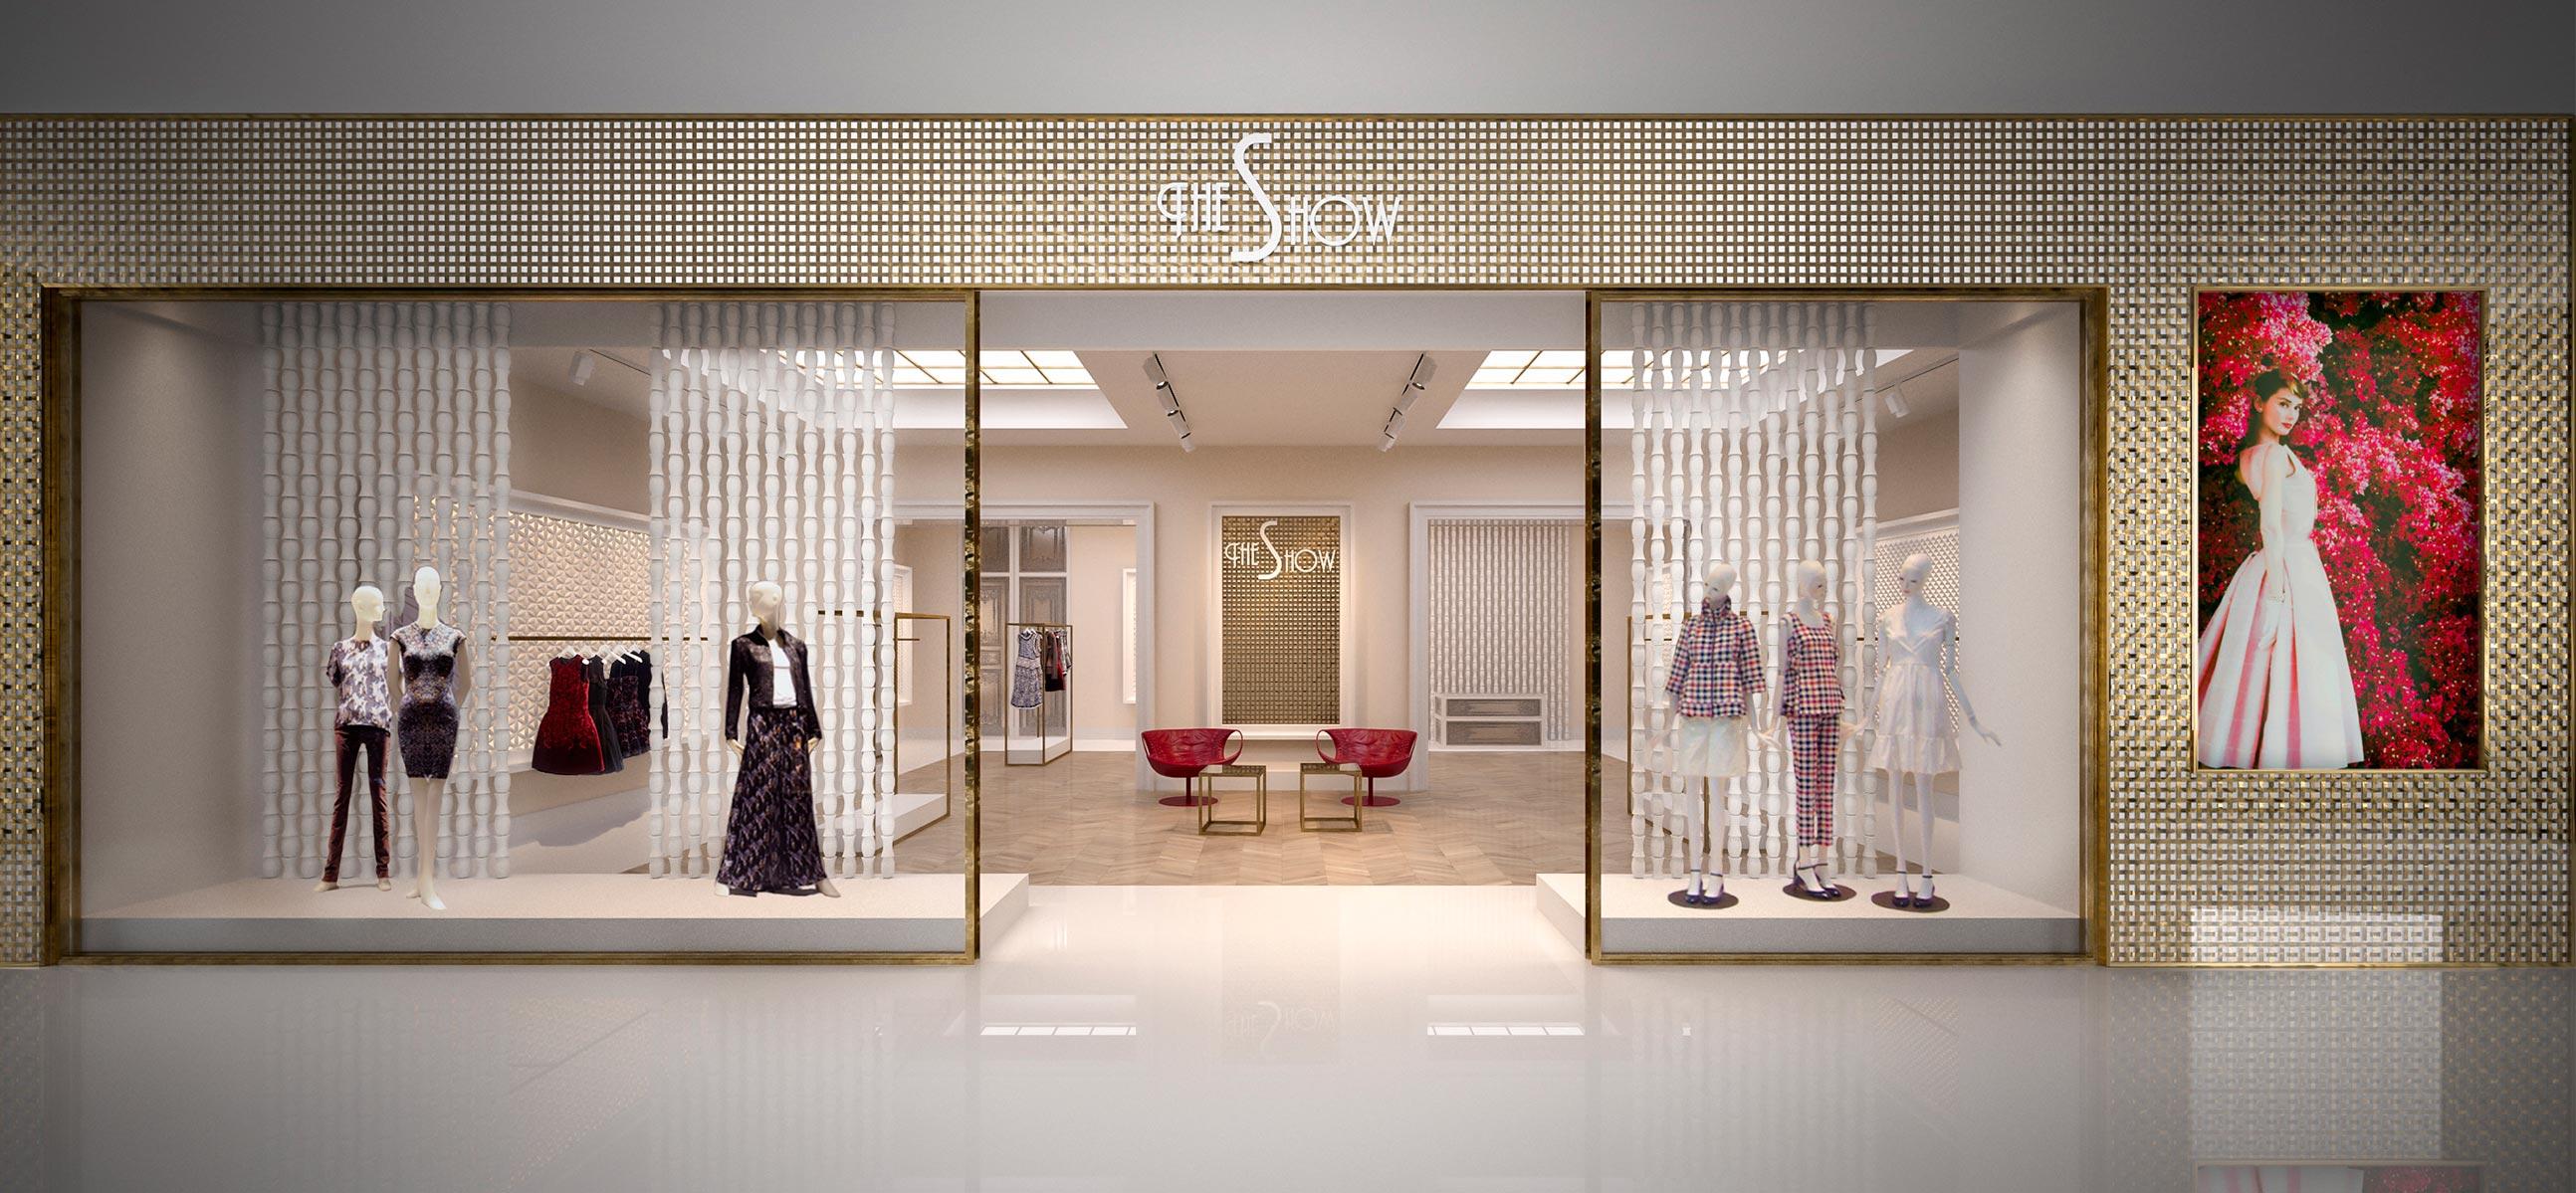 The Show concept shop